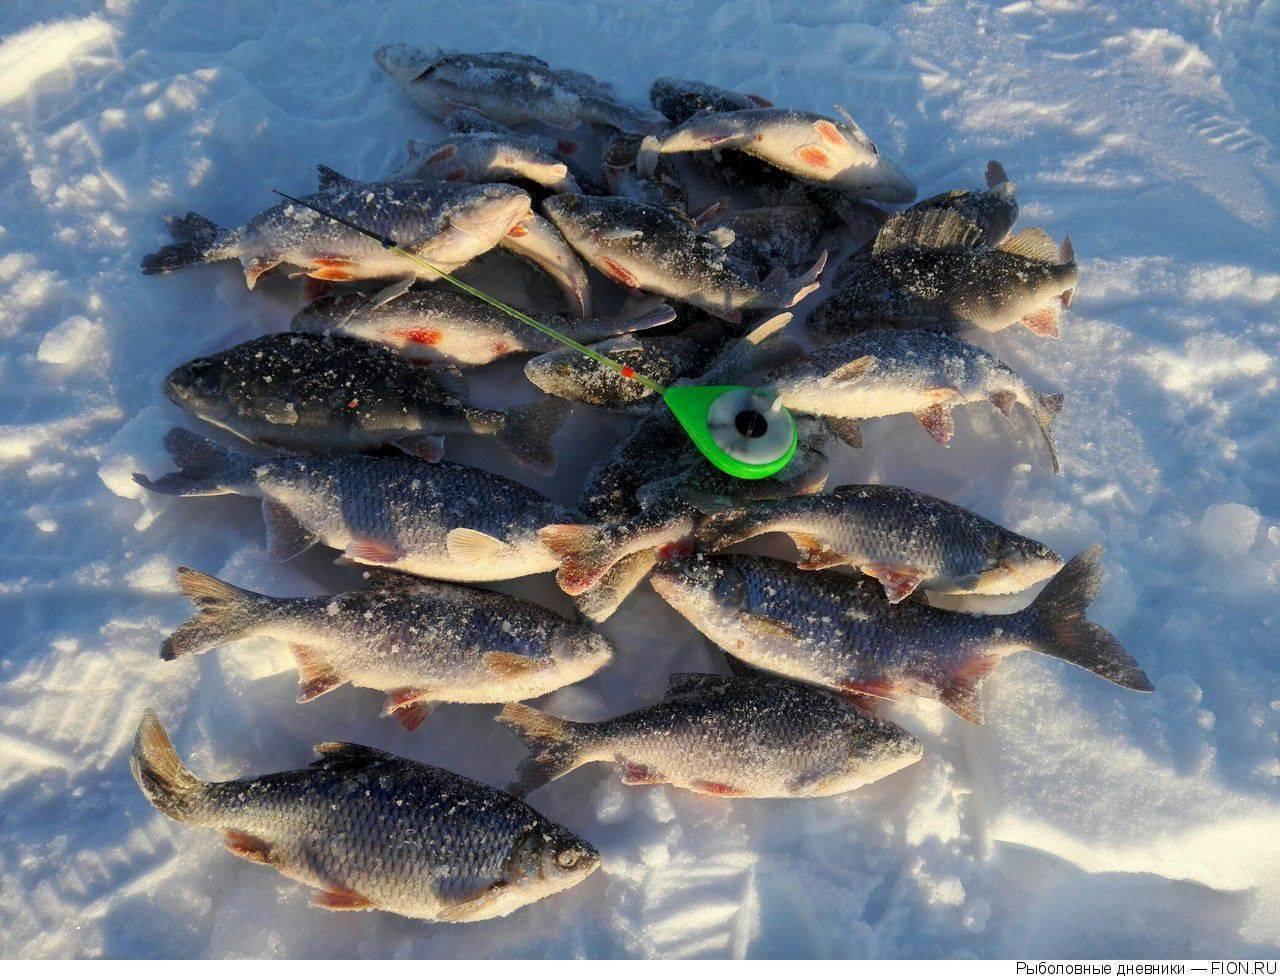 Нижегородское горьковское море: базы, цены, как добраться